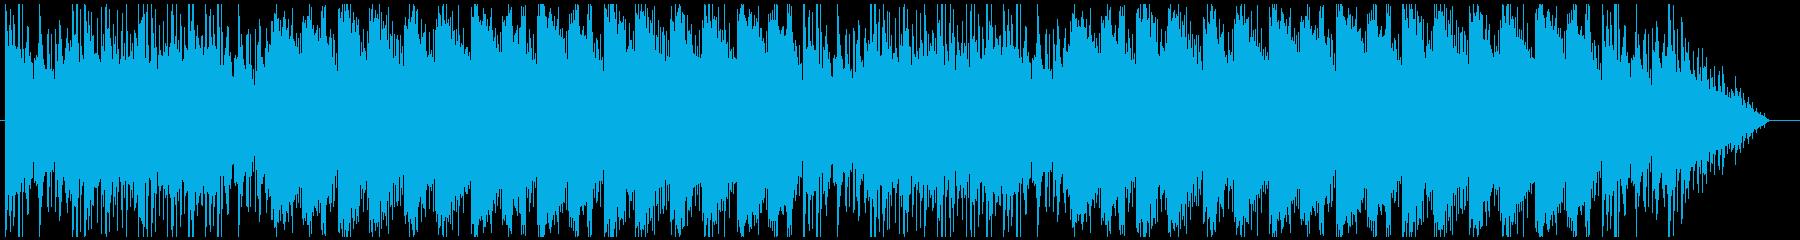 雪原のフィールドをイメージしたBGMの再生済みの波形